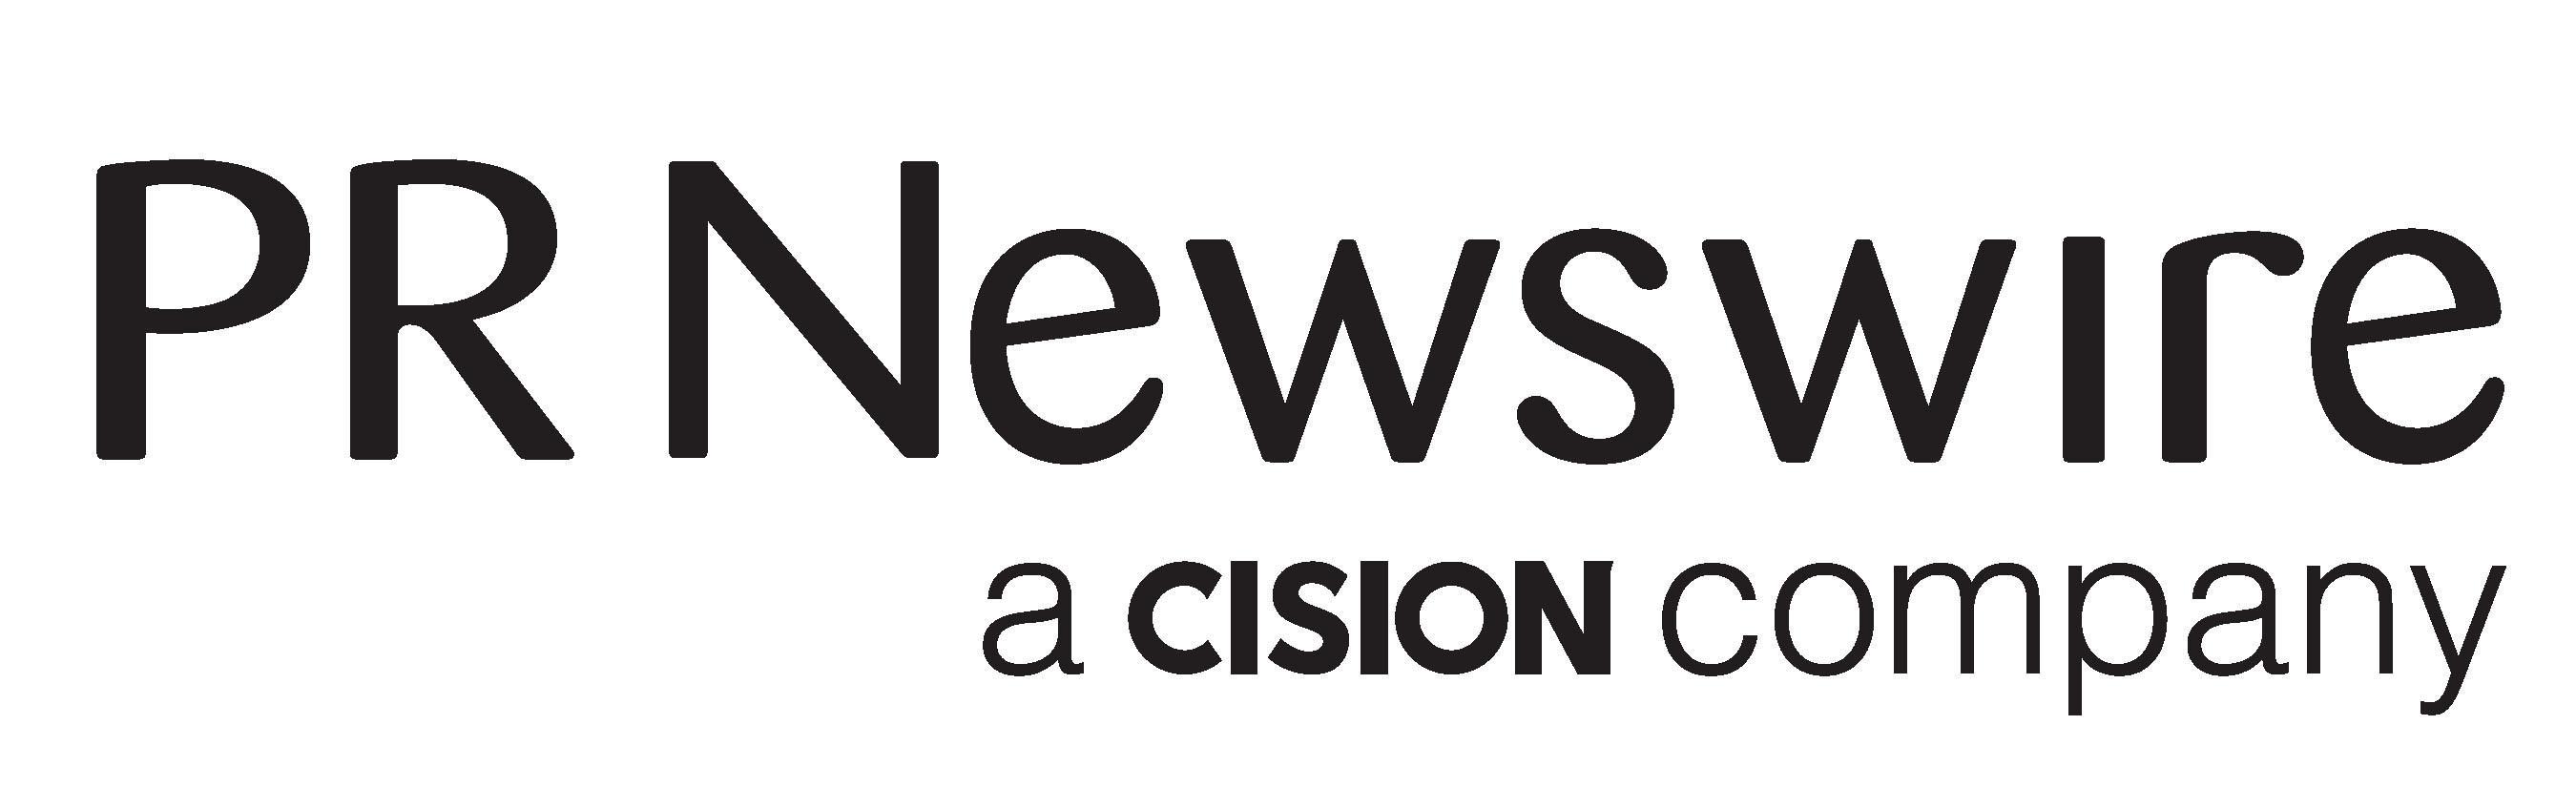 PR Newswire logo.